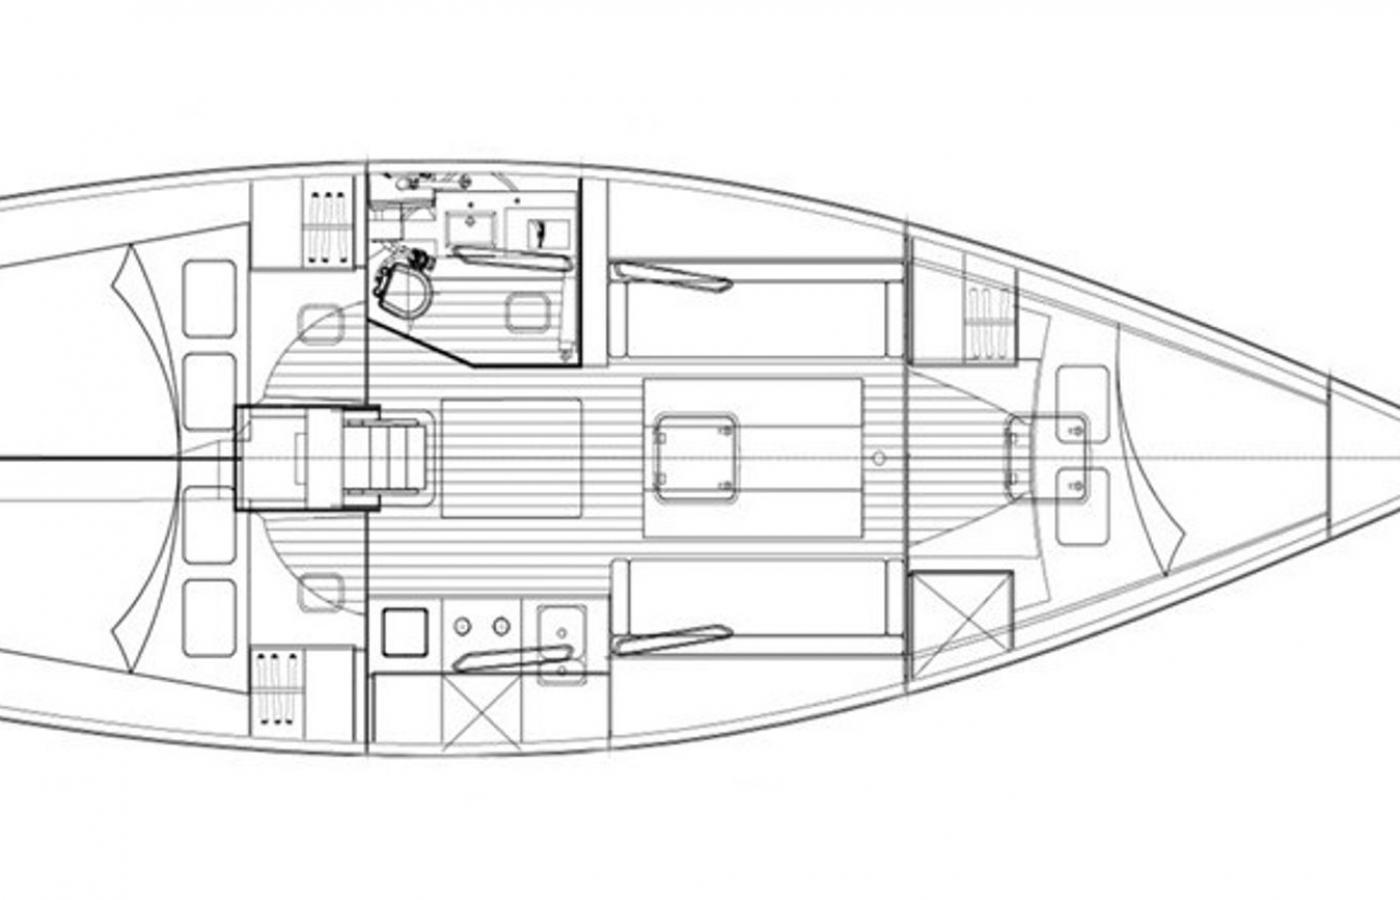 Varianta 37 - Malahi layout